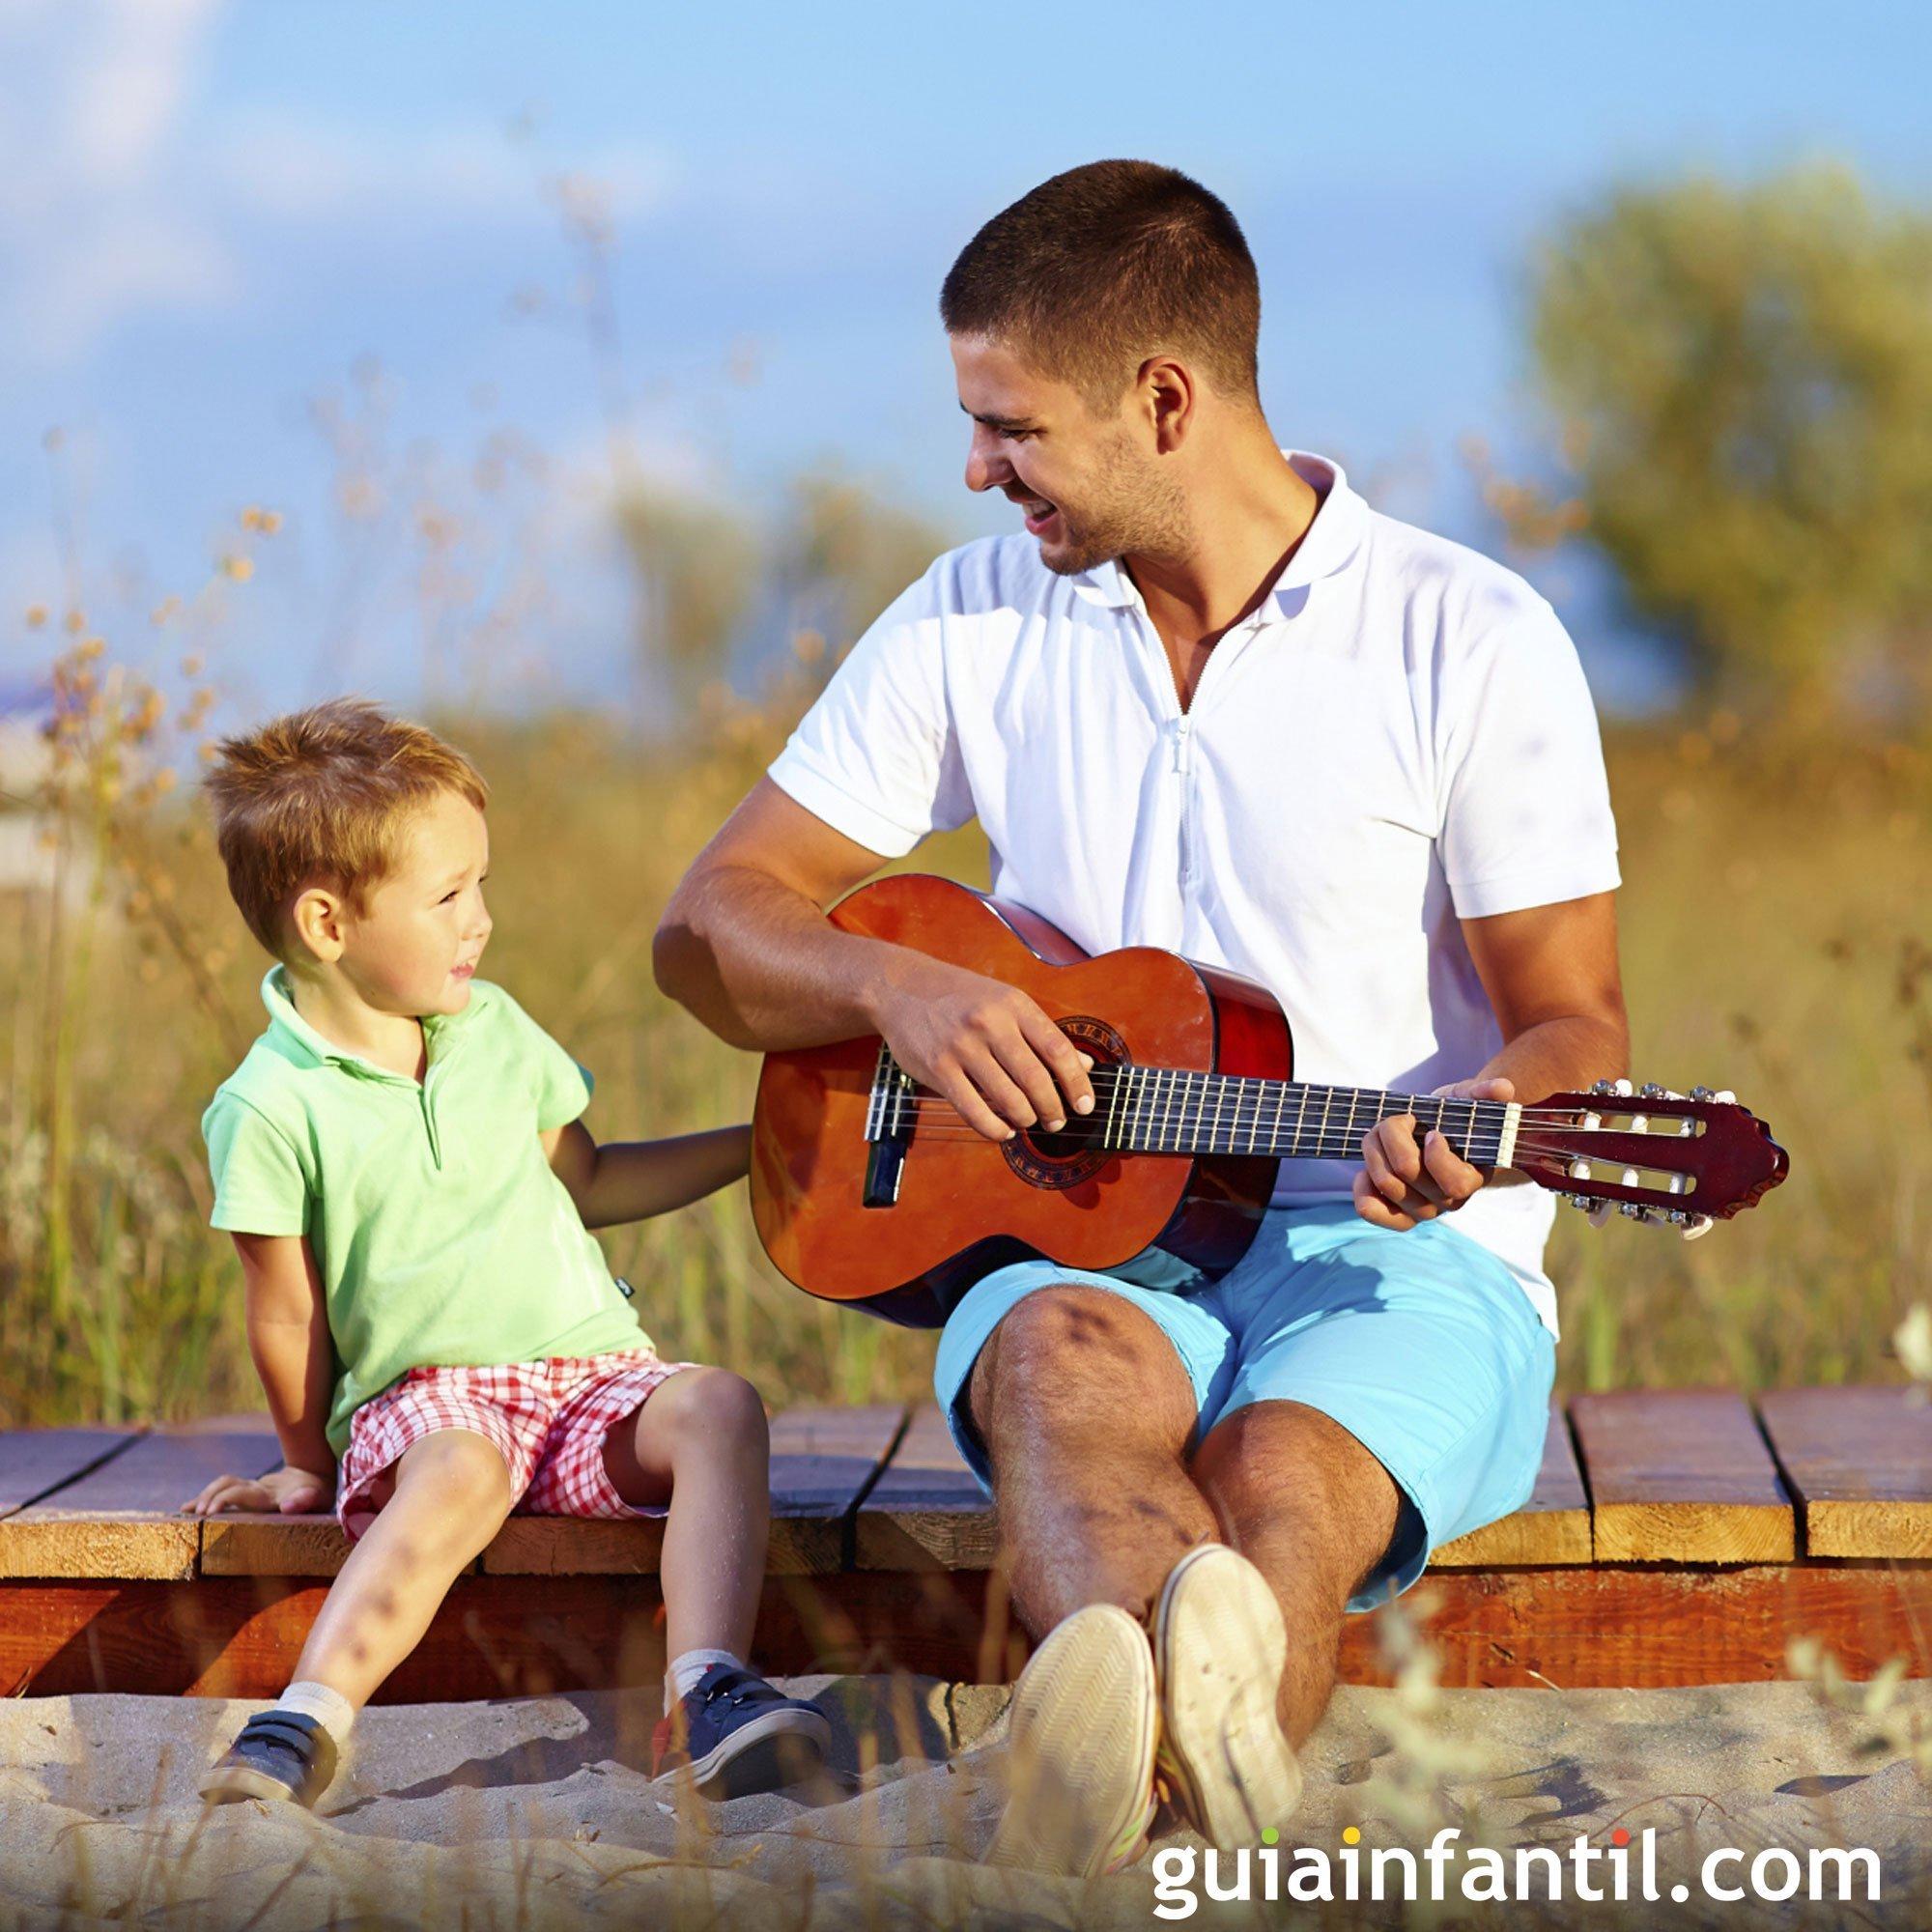 Jugar con papá a cantar canciones